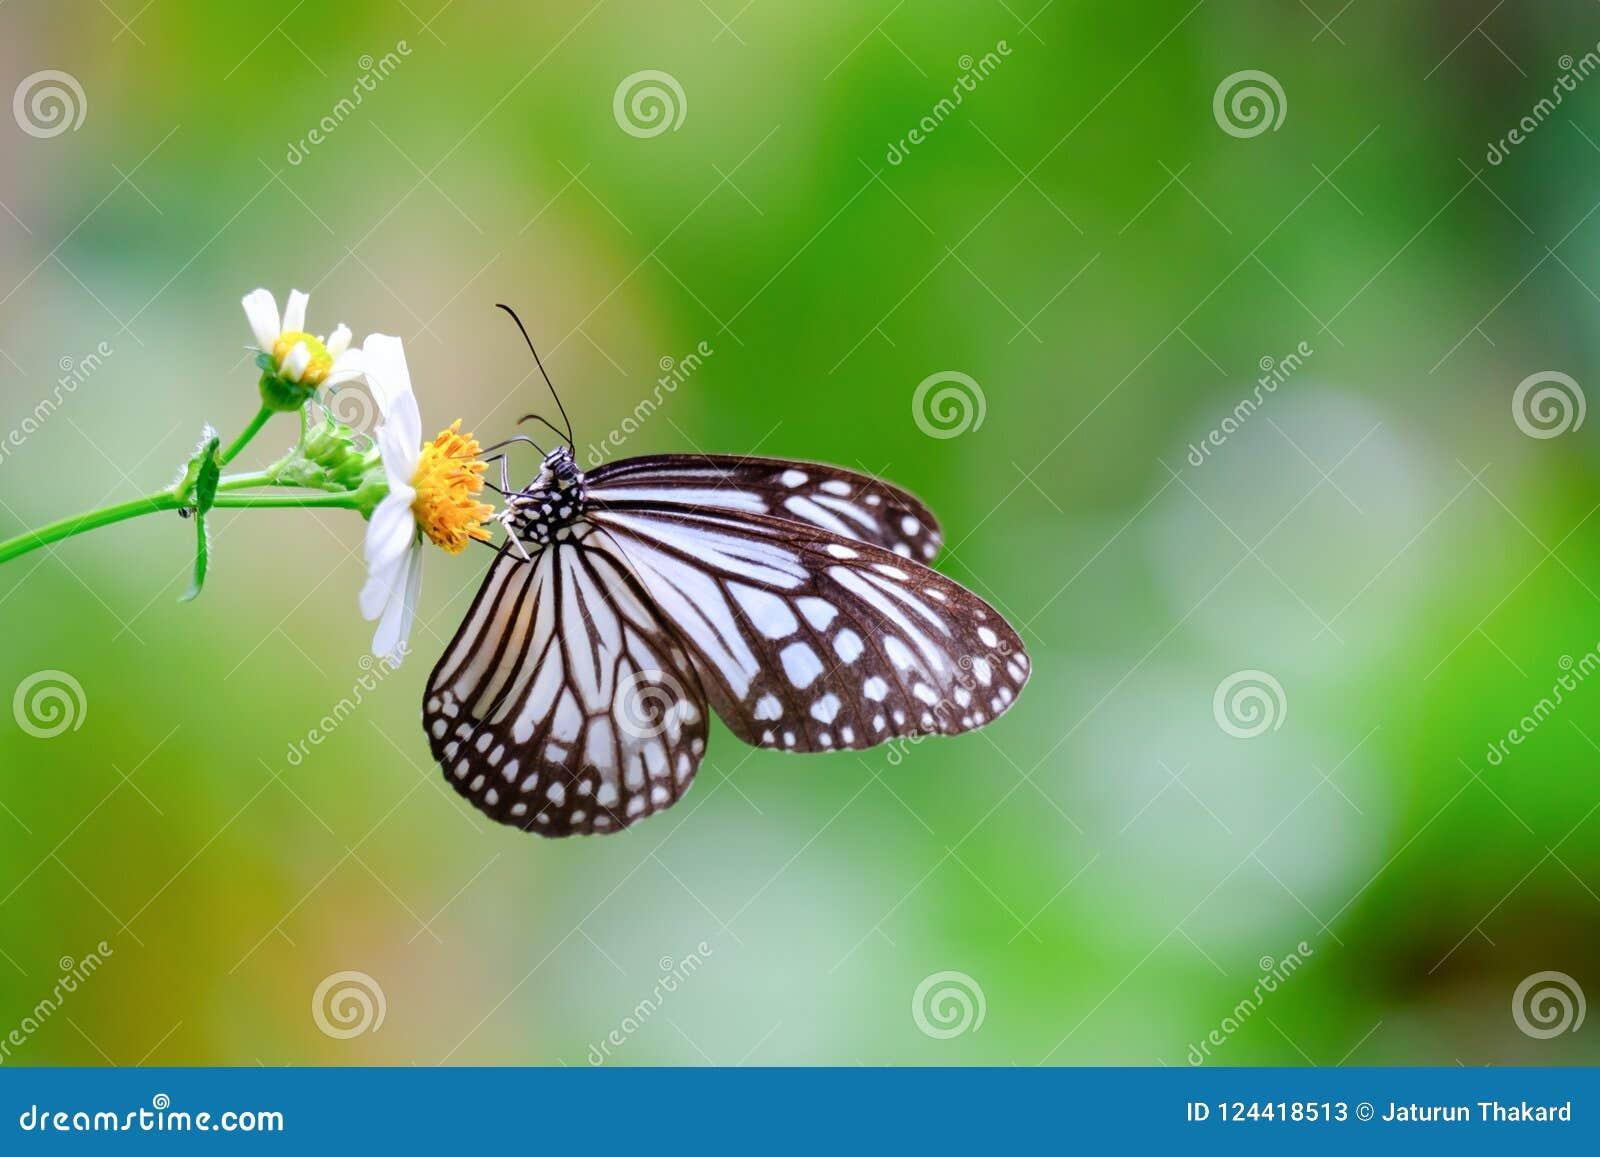 Бабочка тигра крупного плана общая стекловидная